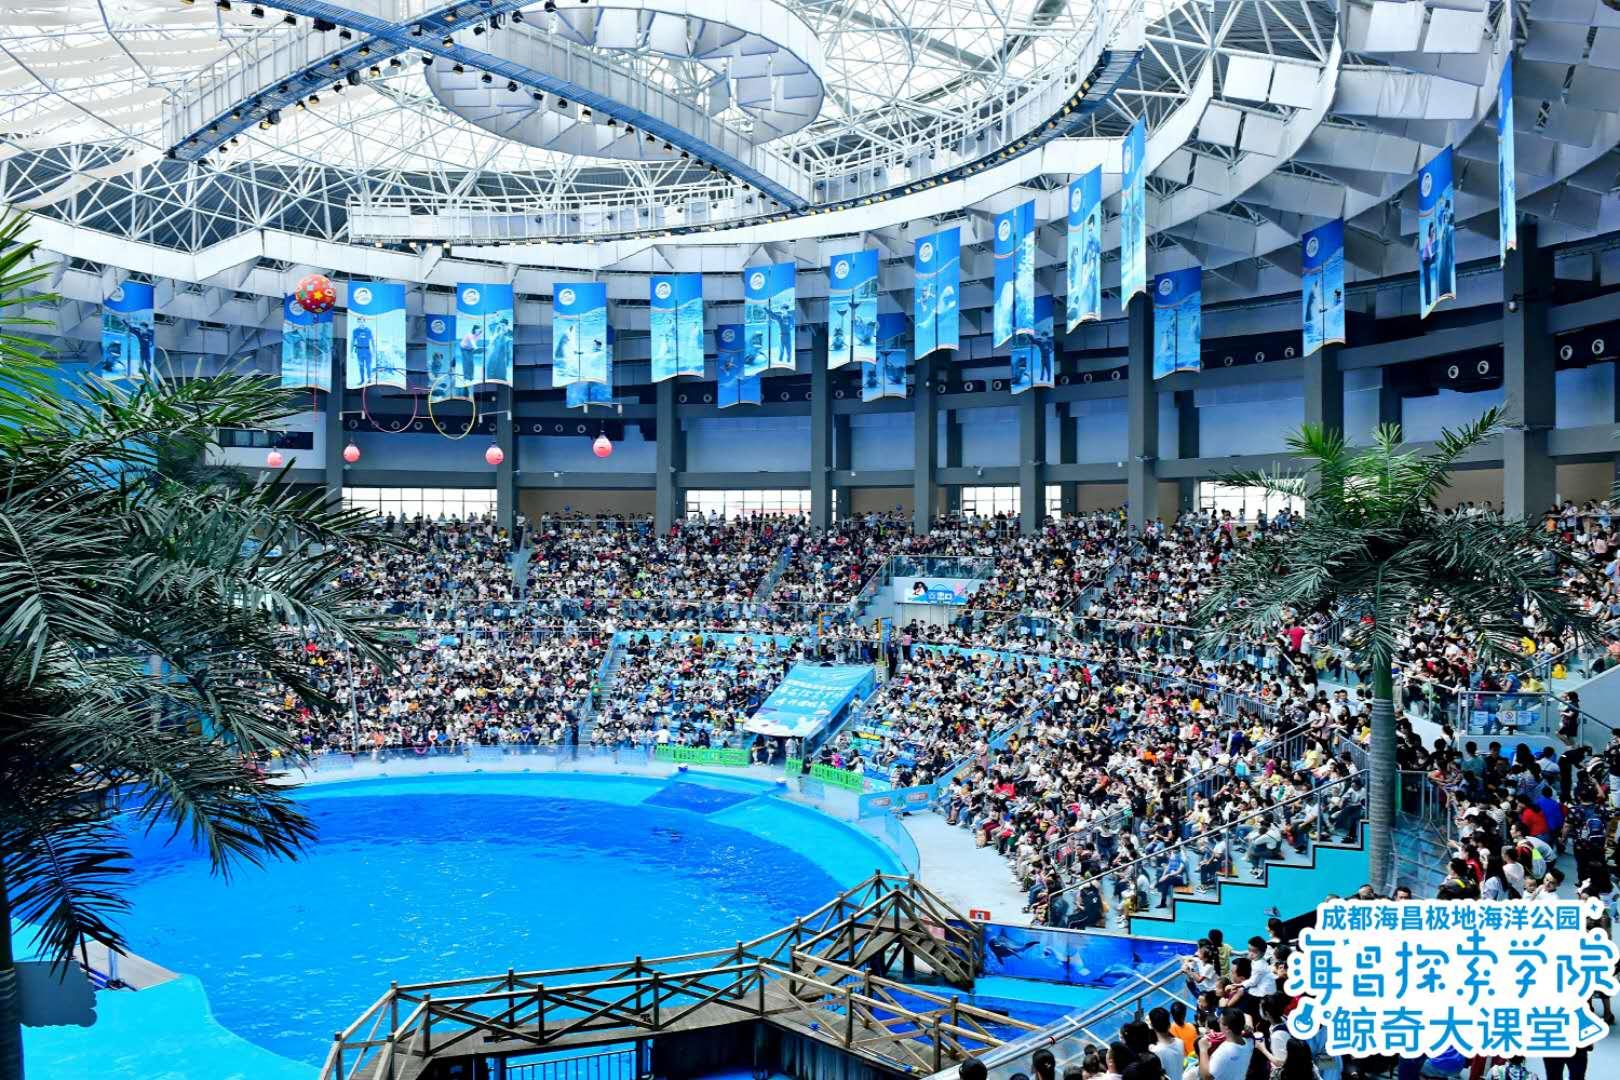 成都海昌极地海洋公园荣获成都市2019年度文明旅游诚信服务先进单位称号